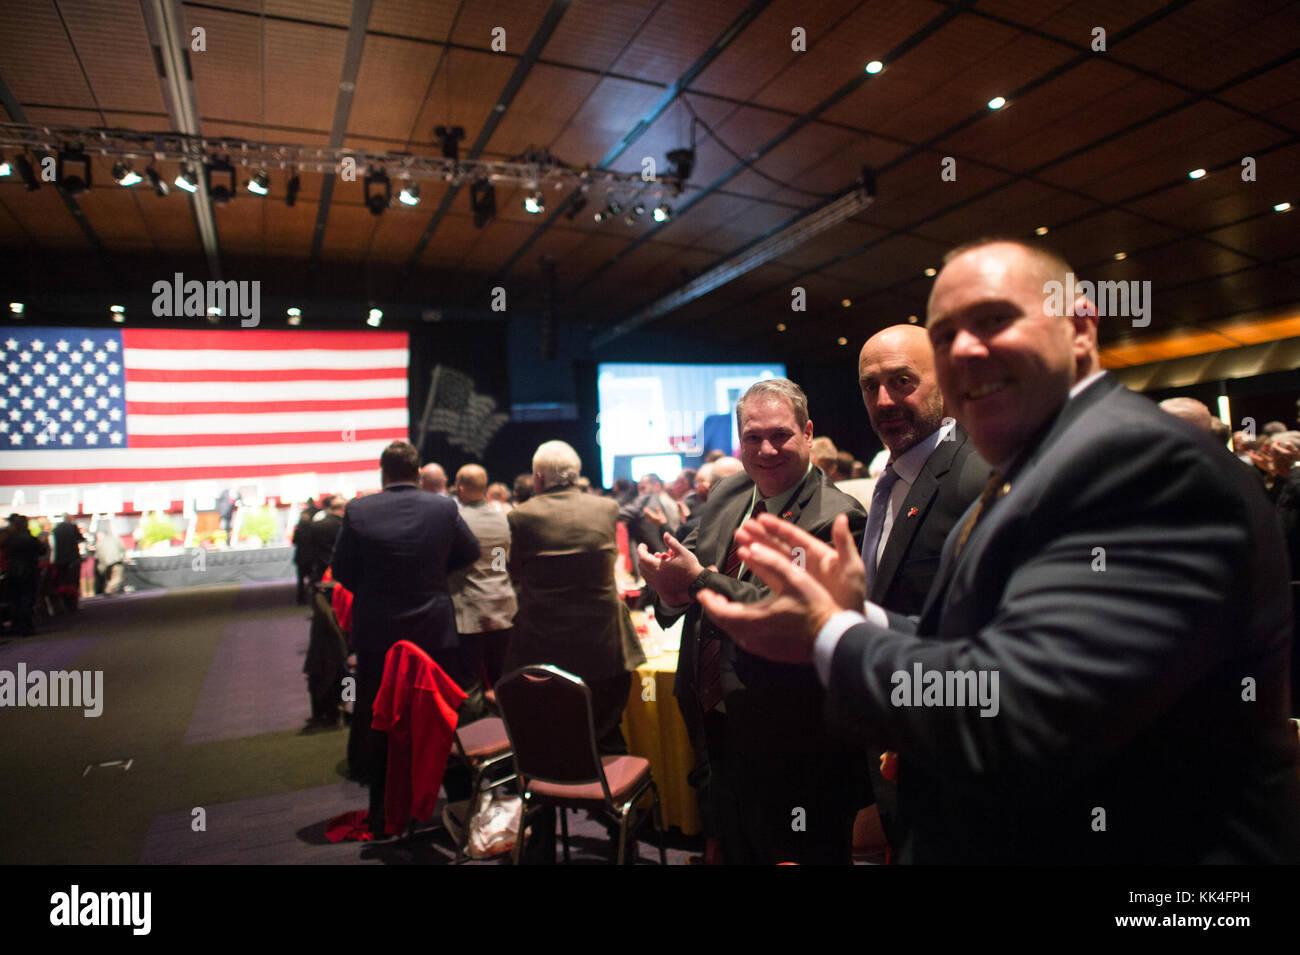 Un grupo de infantes de Marina aplaudir durante el semper Fidelis la sociedad de Boston del Cuerpo de Infantería de Marina de EE.UU. Almuerzo de cumpleaños en el Centro de convenciones y exhibiciones de Boston, Massachusetts, el 13 de noviembre, 2017. (DoD foto por el sargento del ejército de EE.UU. James K. McCann) Foto de stock